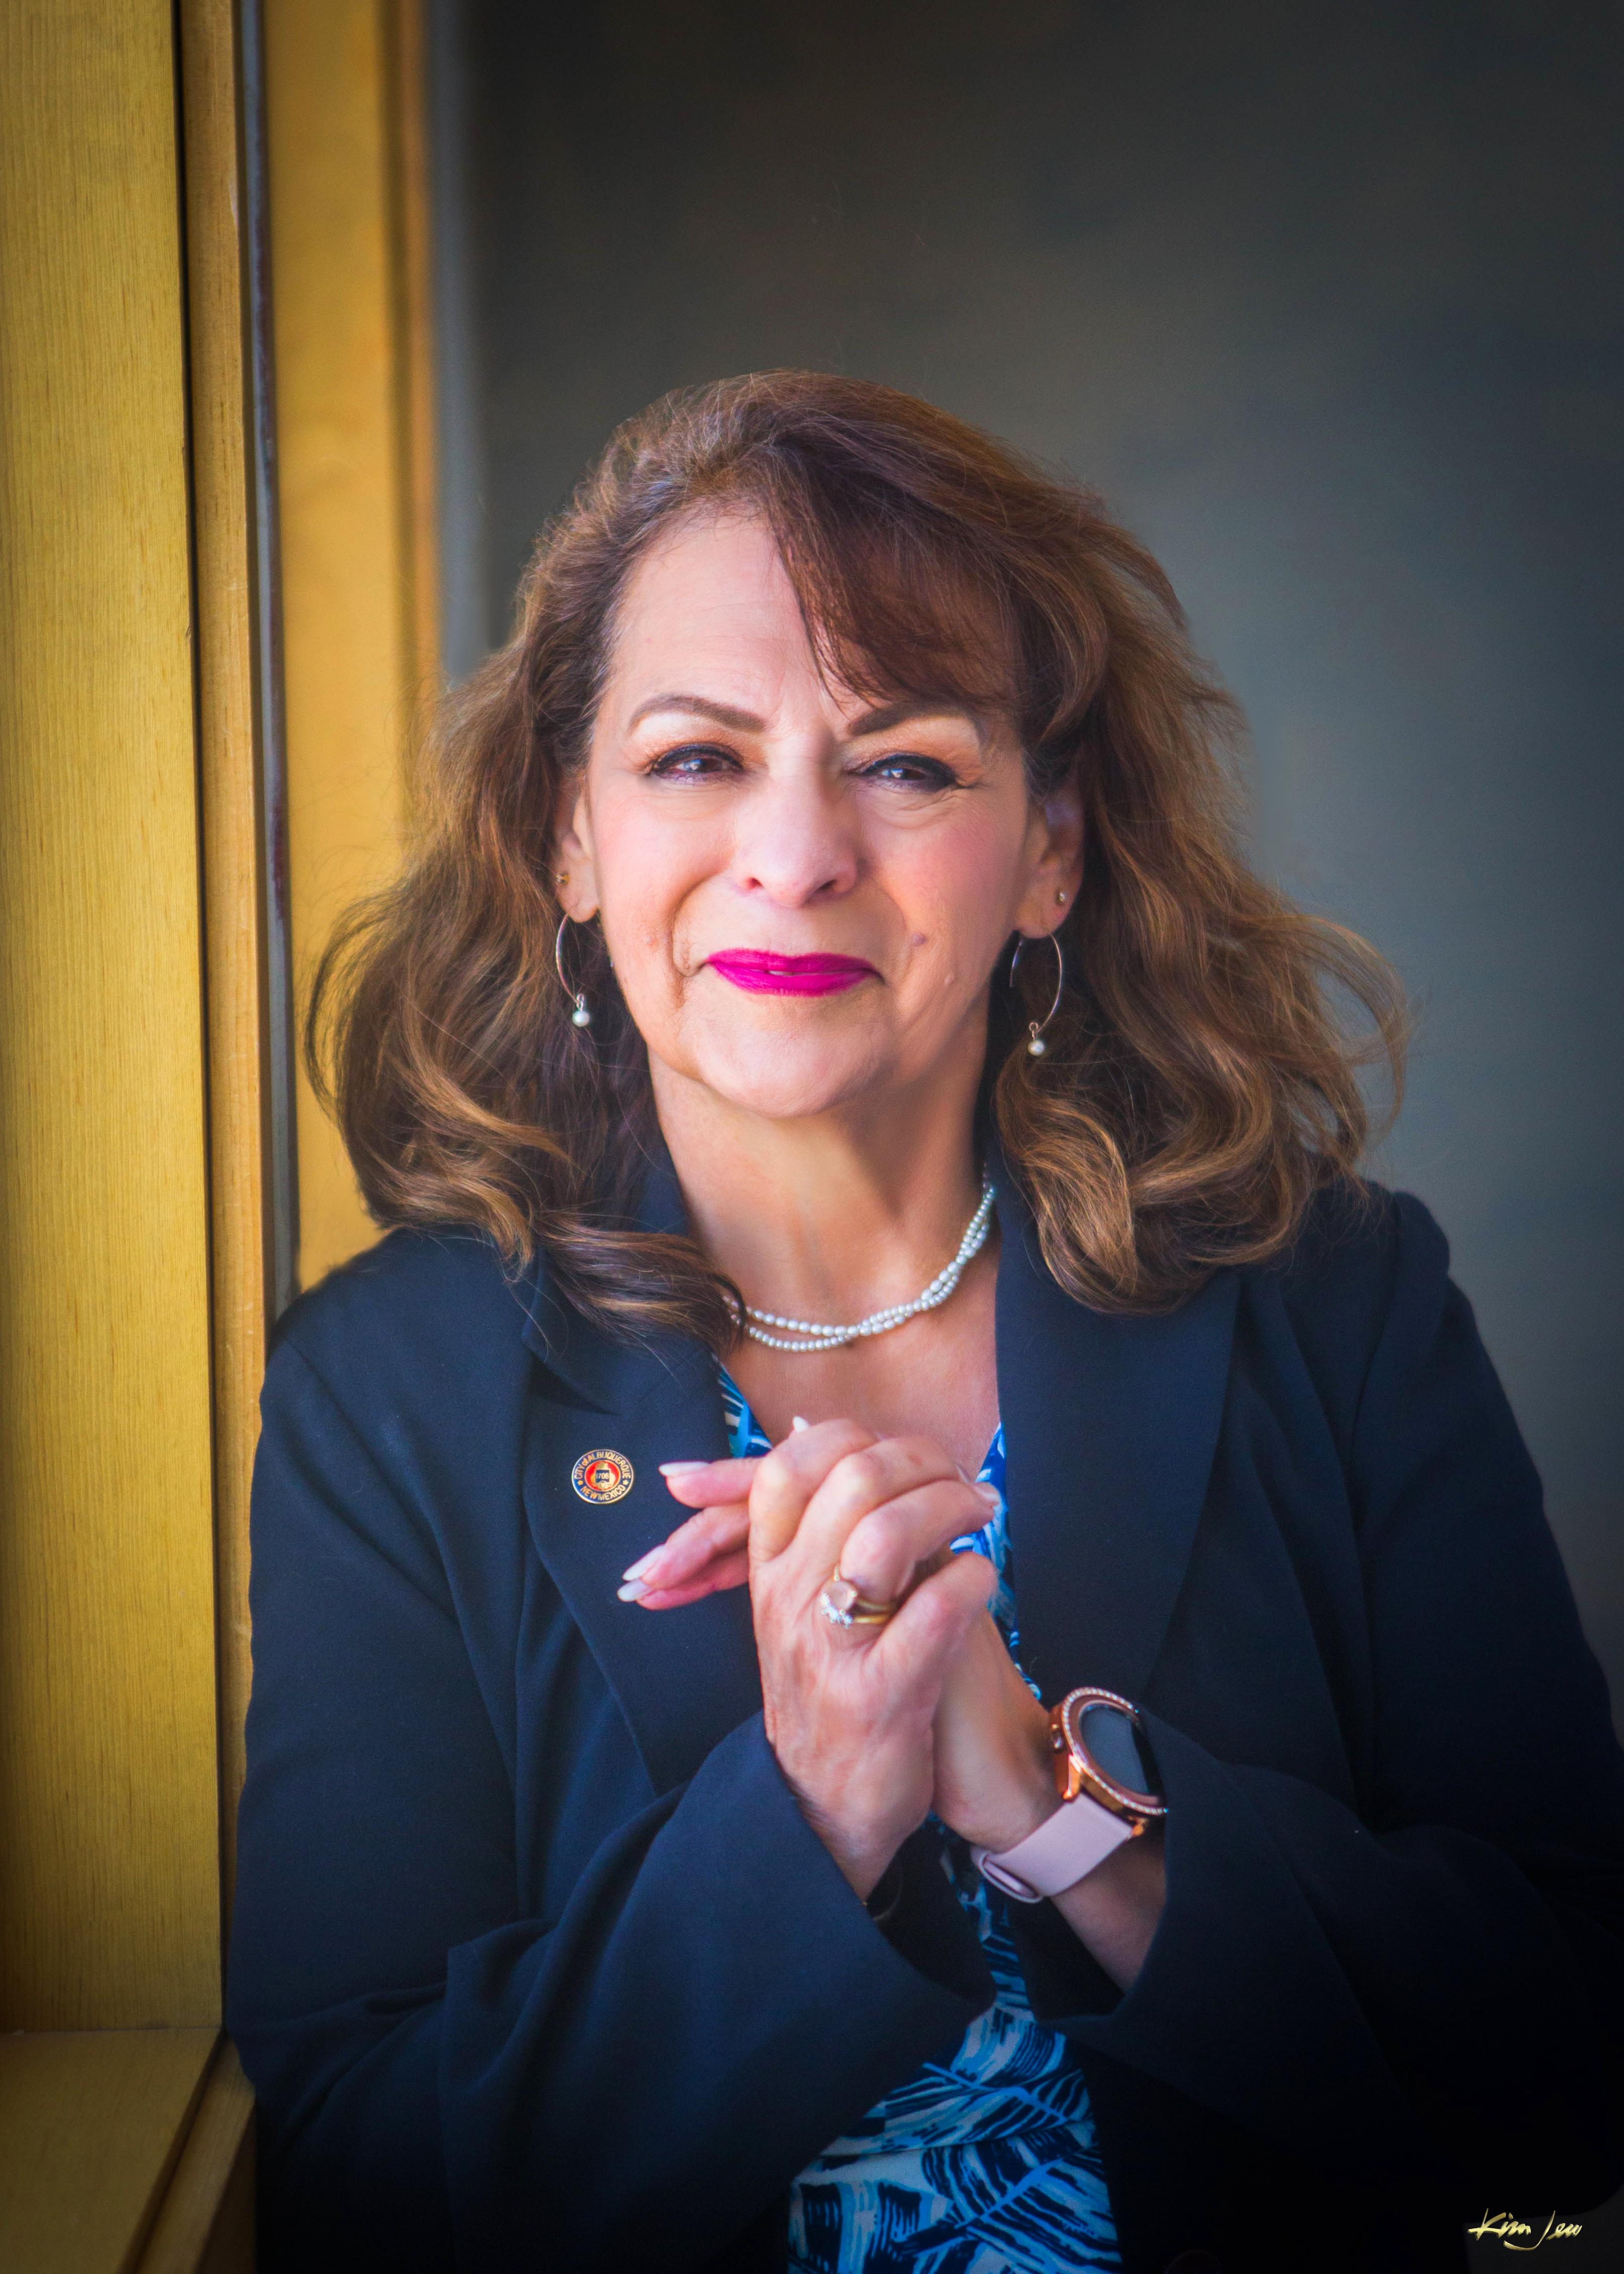 Albuquerque City Councilor Cynthia Borrego